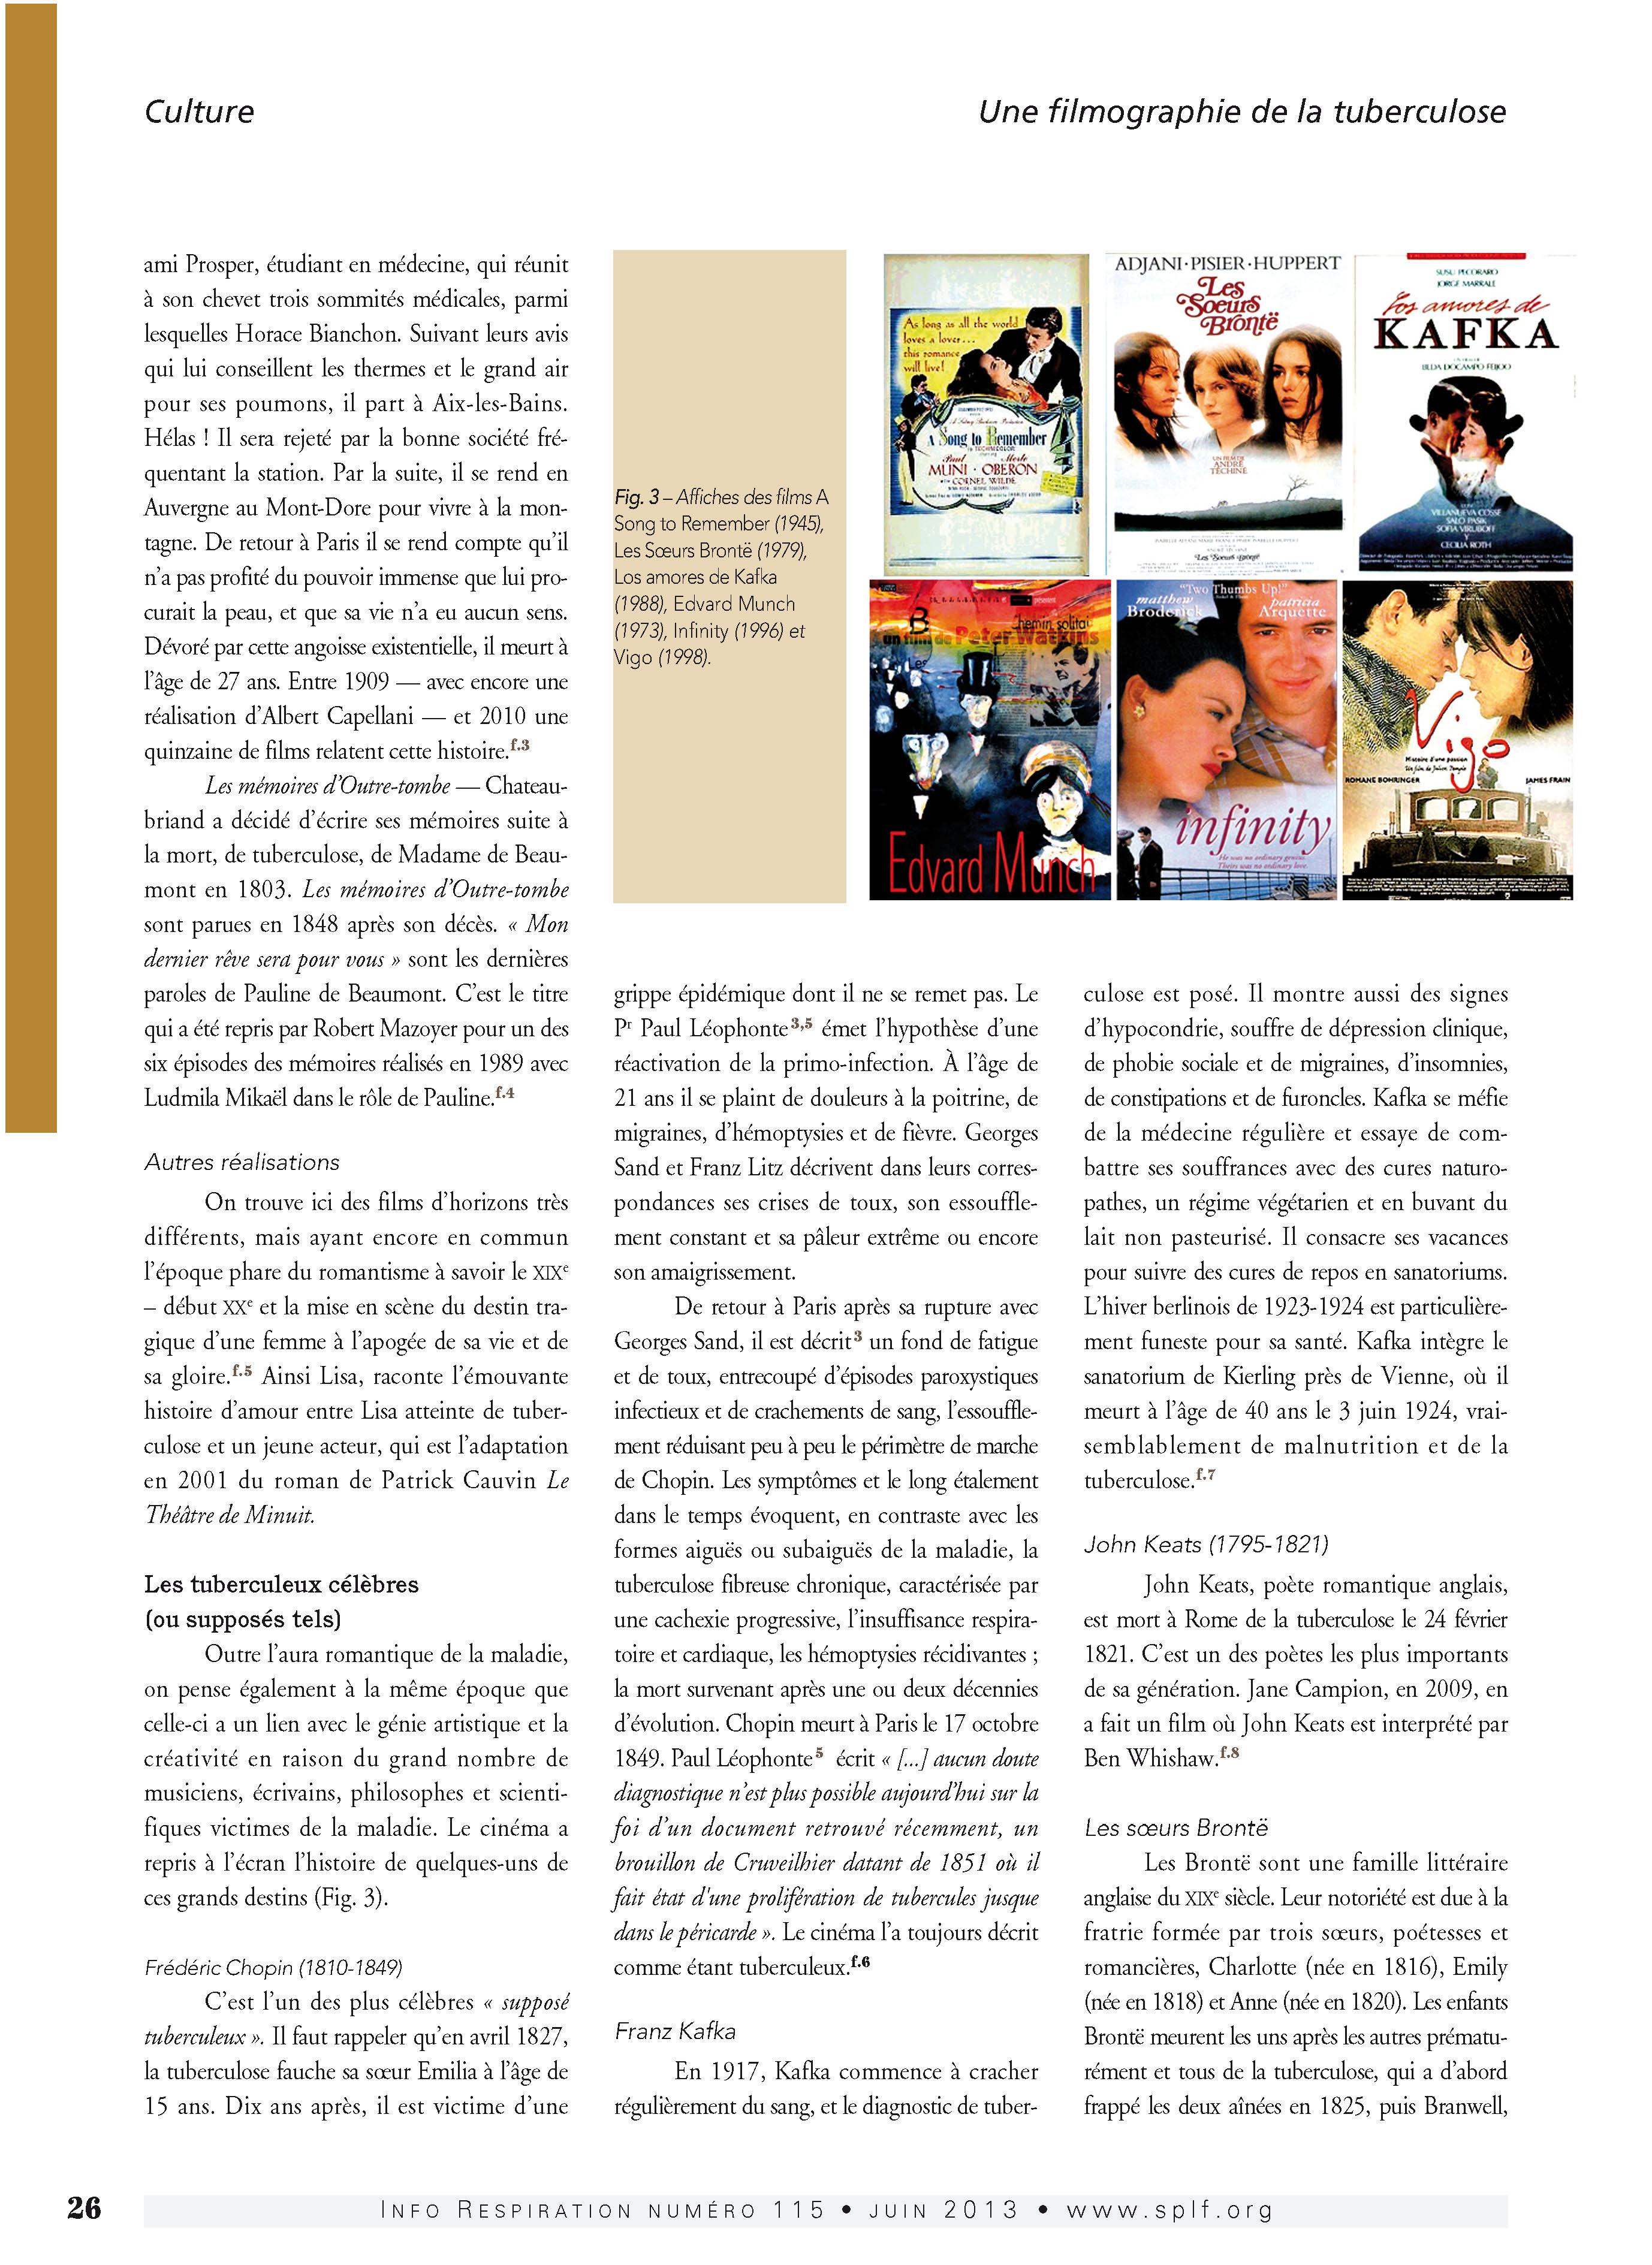 Culture-filmographie_Page_3